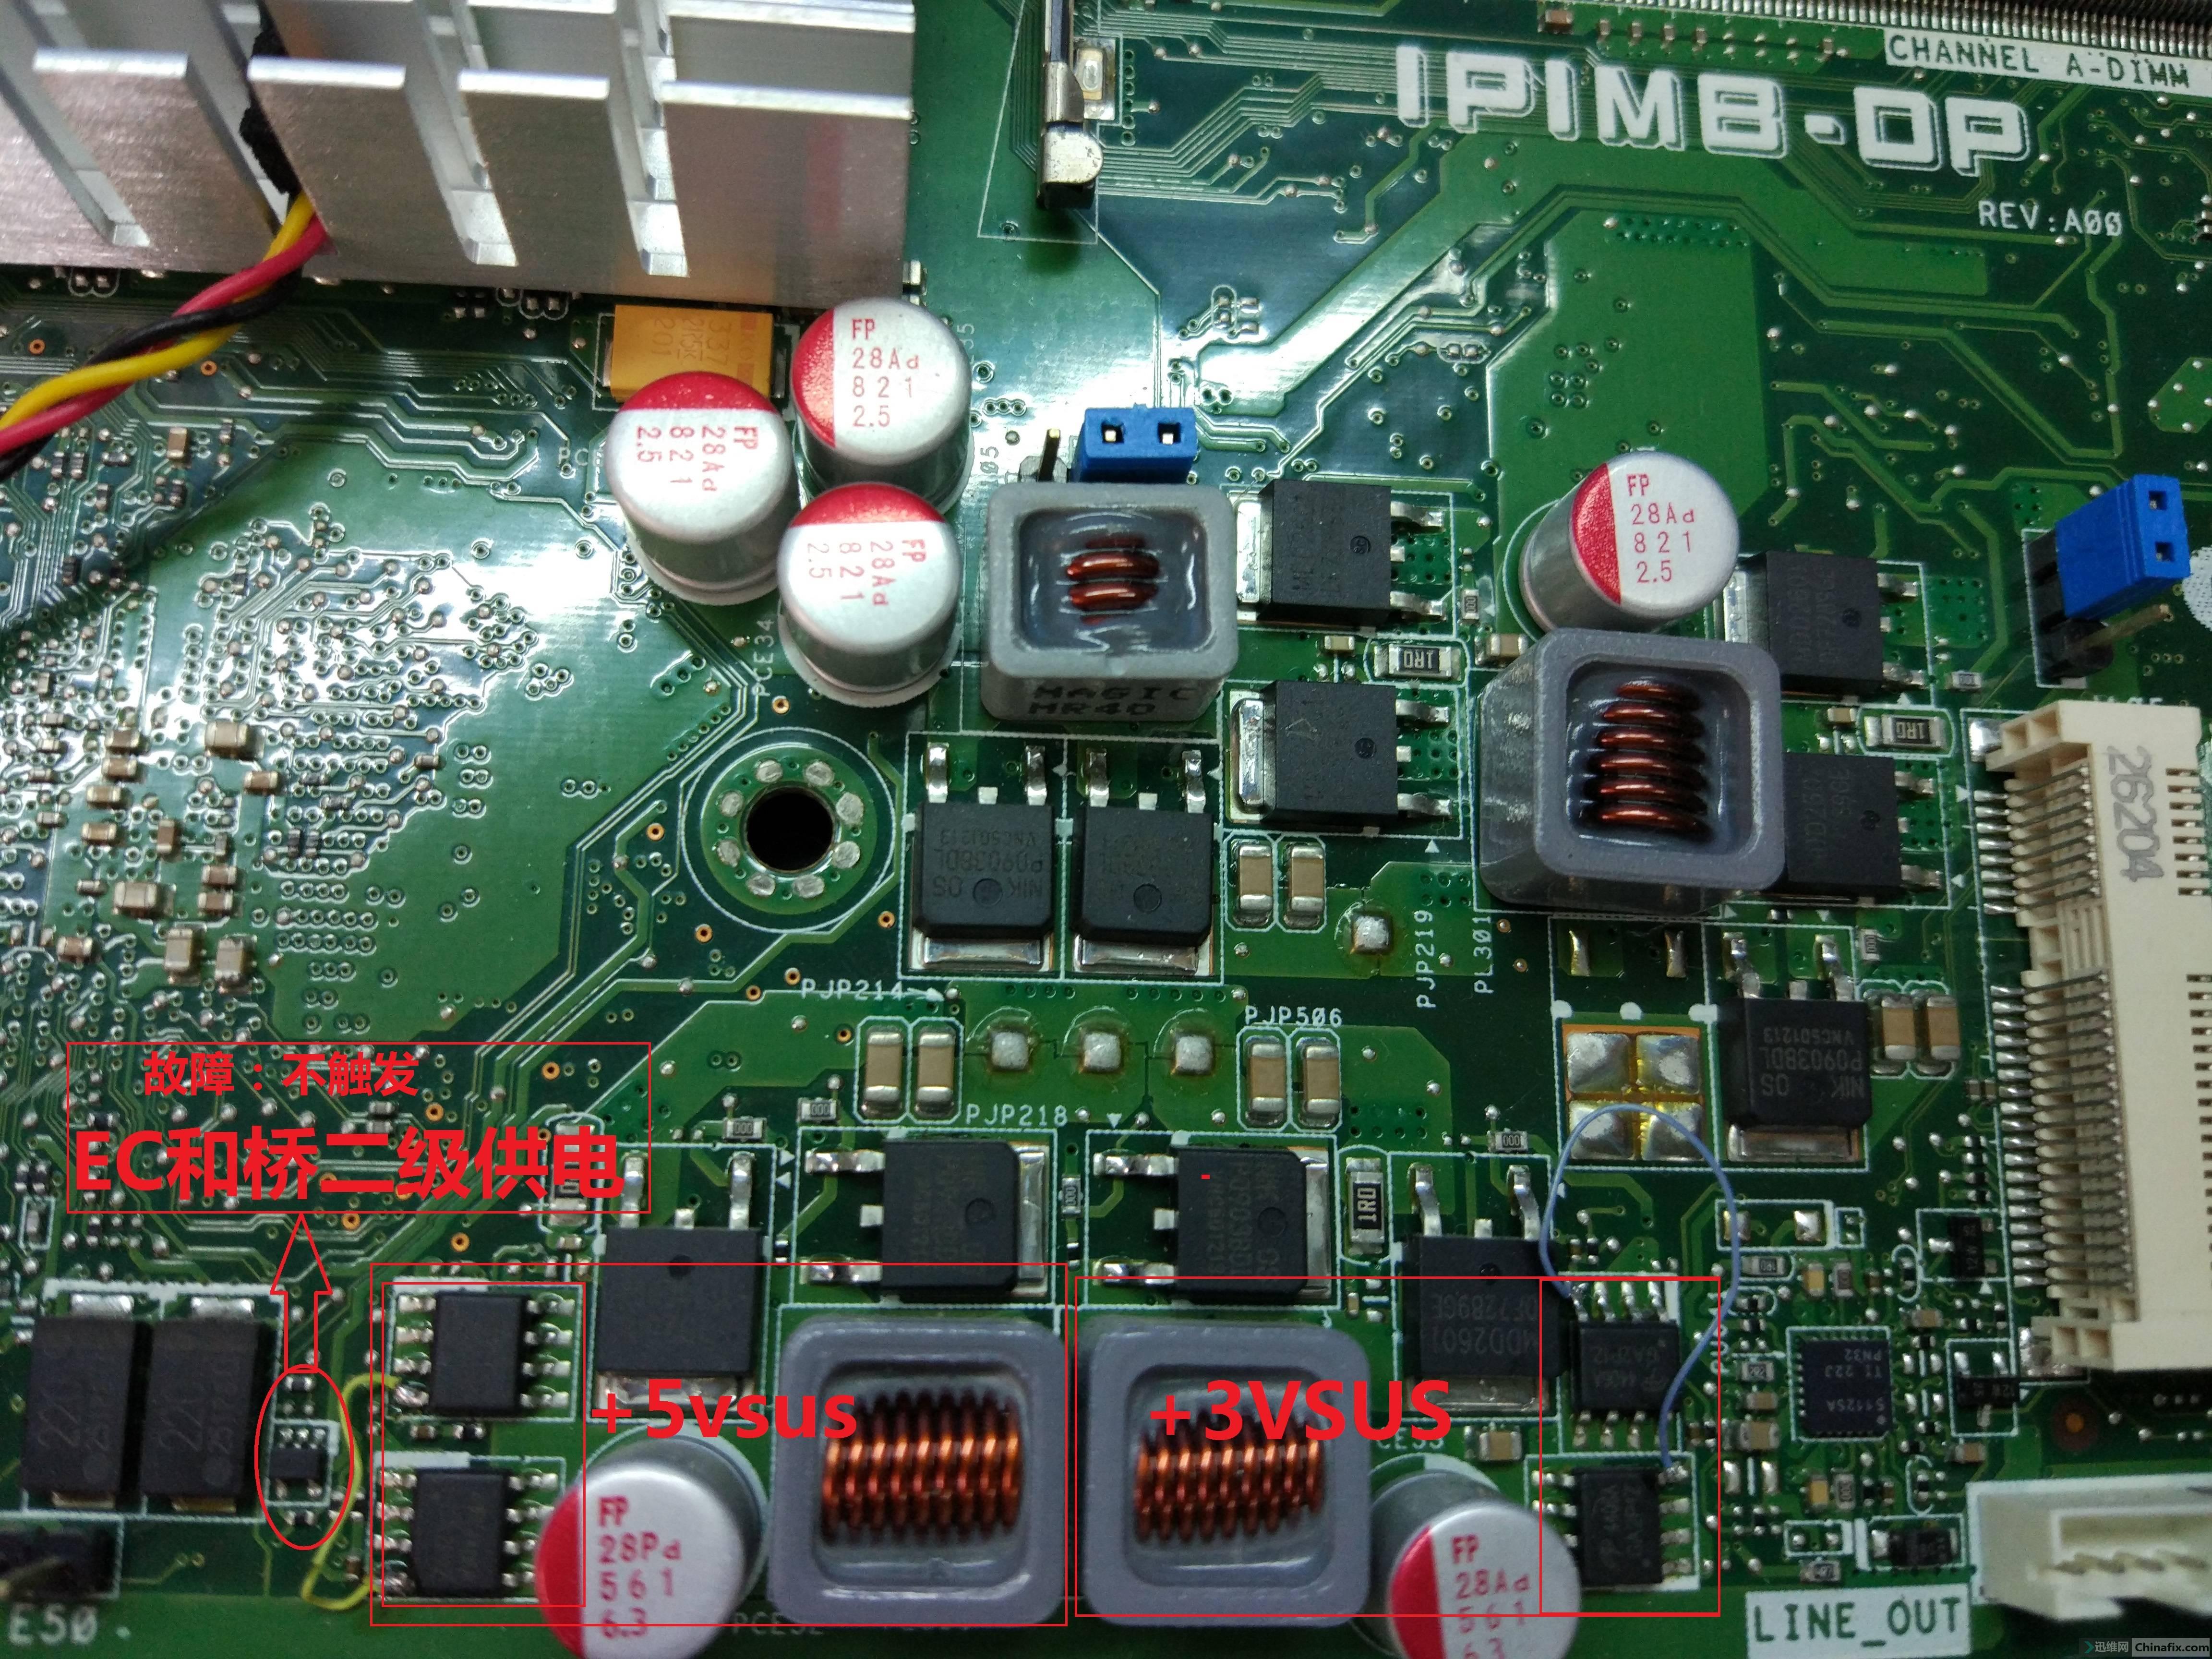 戴尔Inspiron One 2330一体机亮机备份 版号:IPIMB-DP REV:A00 BIOS.jpg